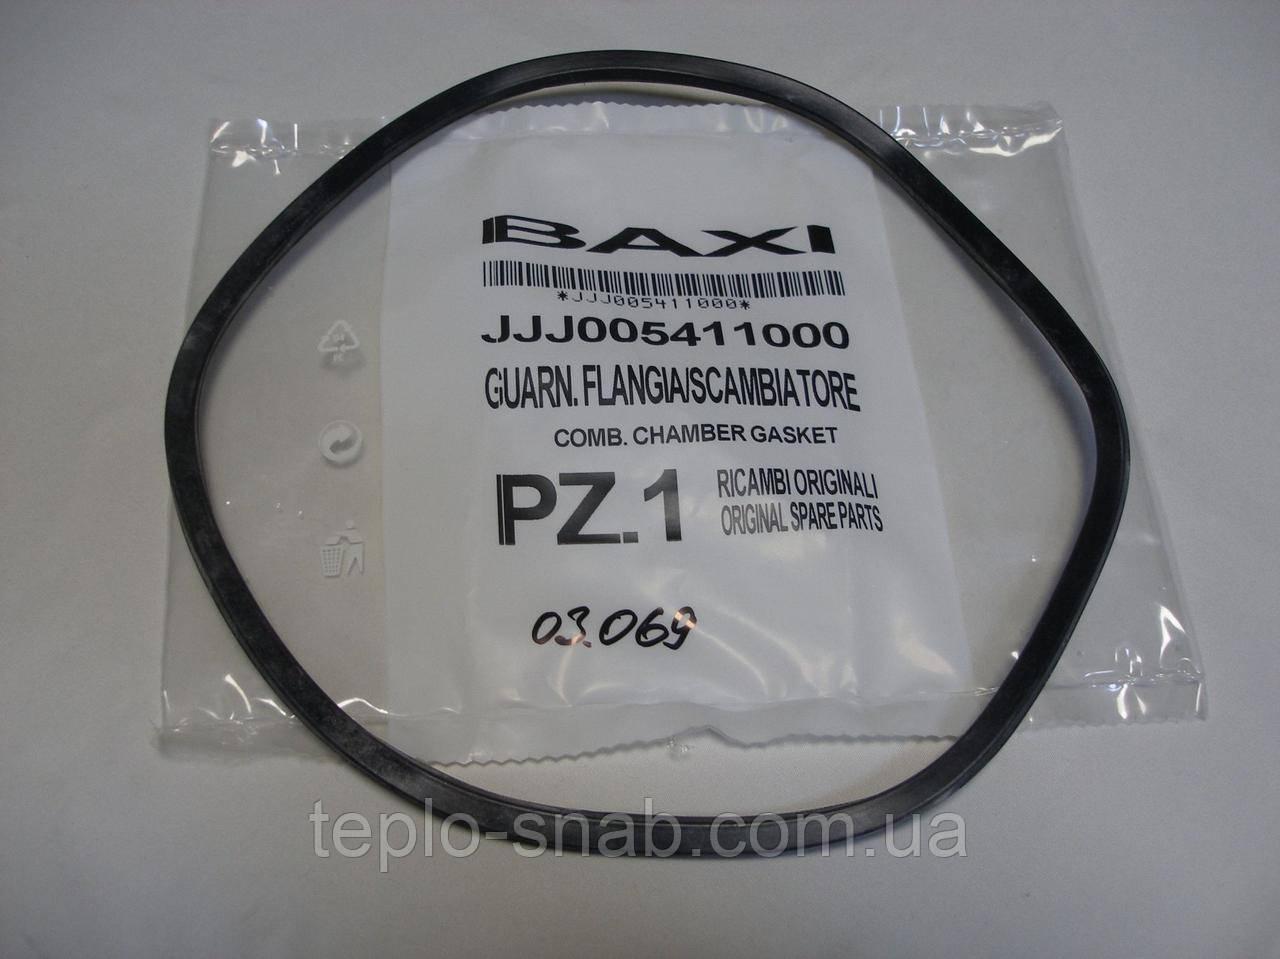 Прокладка камери згоряння конденсаційного котла Baxi / Westen. 5411000